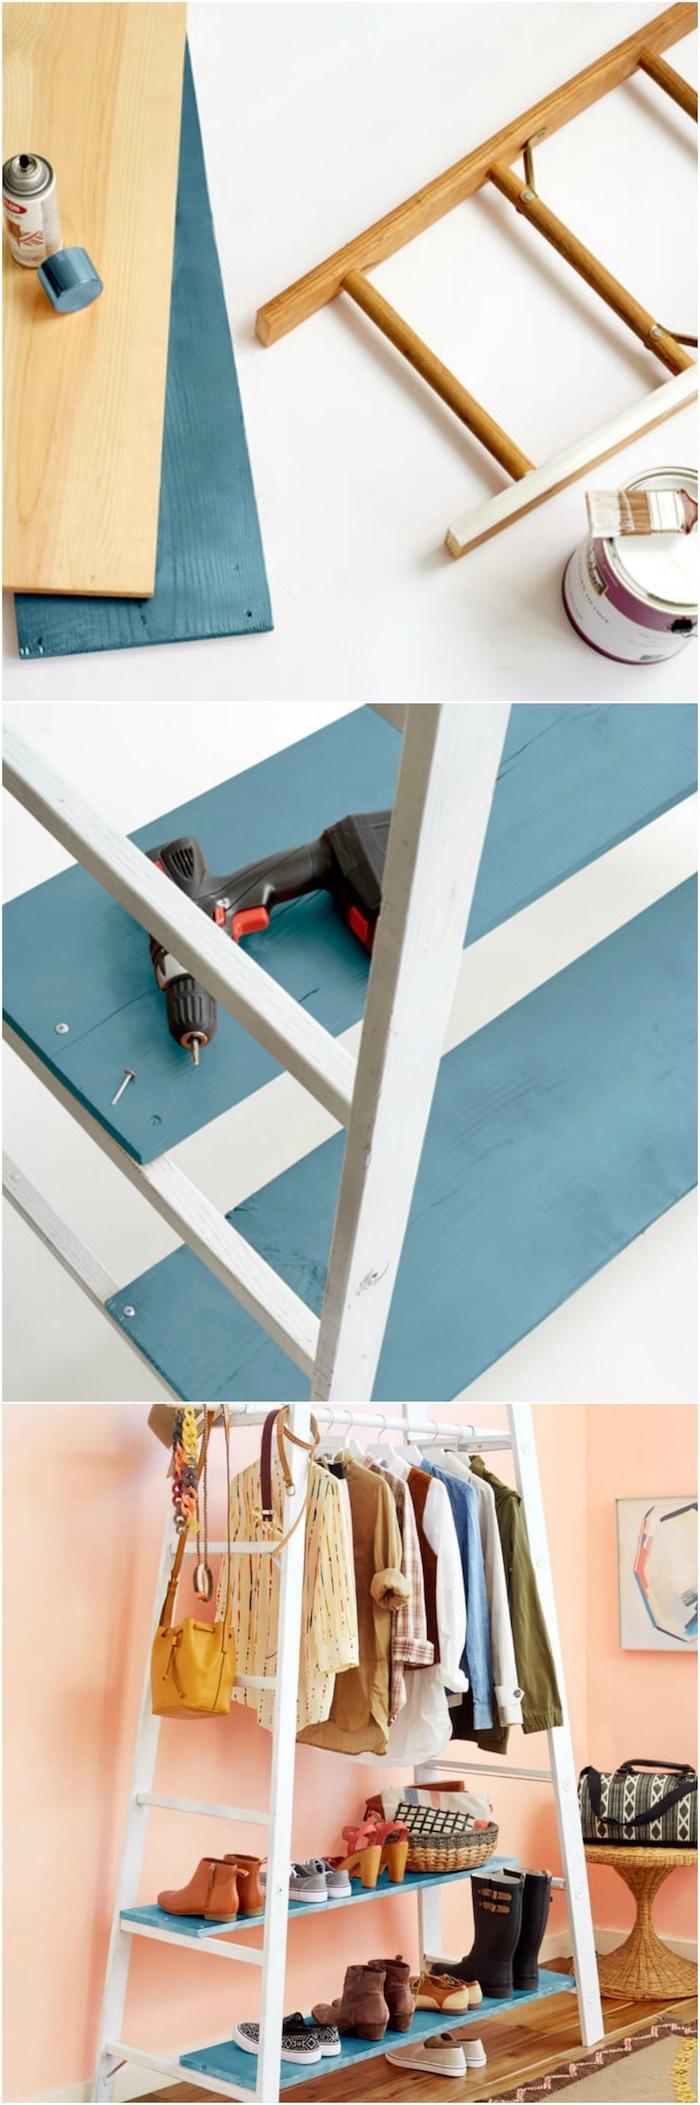 technique pour fabriquer une dressing pratique, en échelle démontée et repeinte en blanc et des rangements ajoutés en planches de bois repeints en bleu